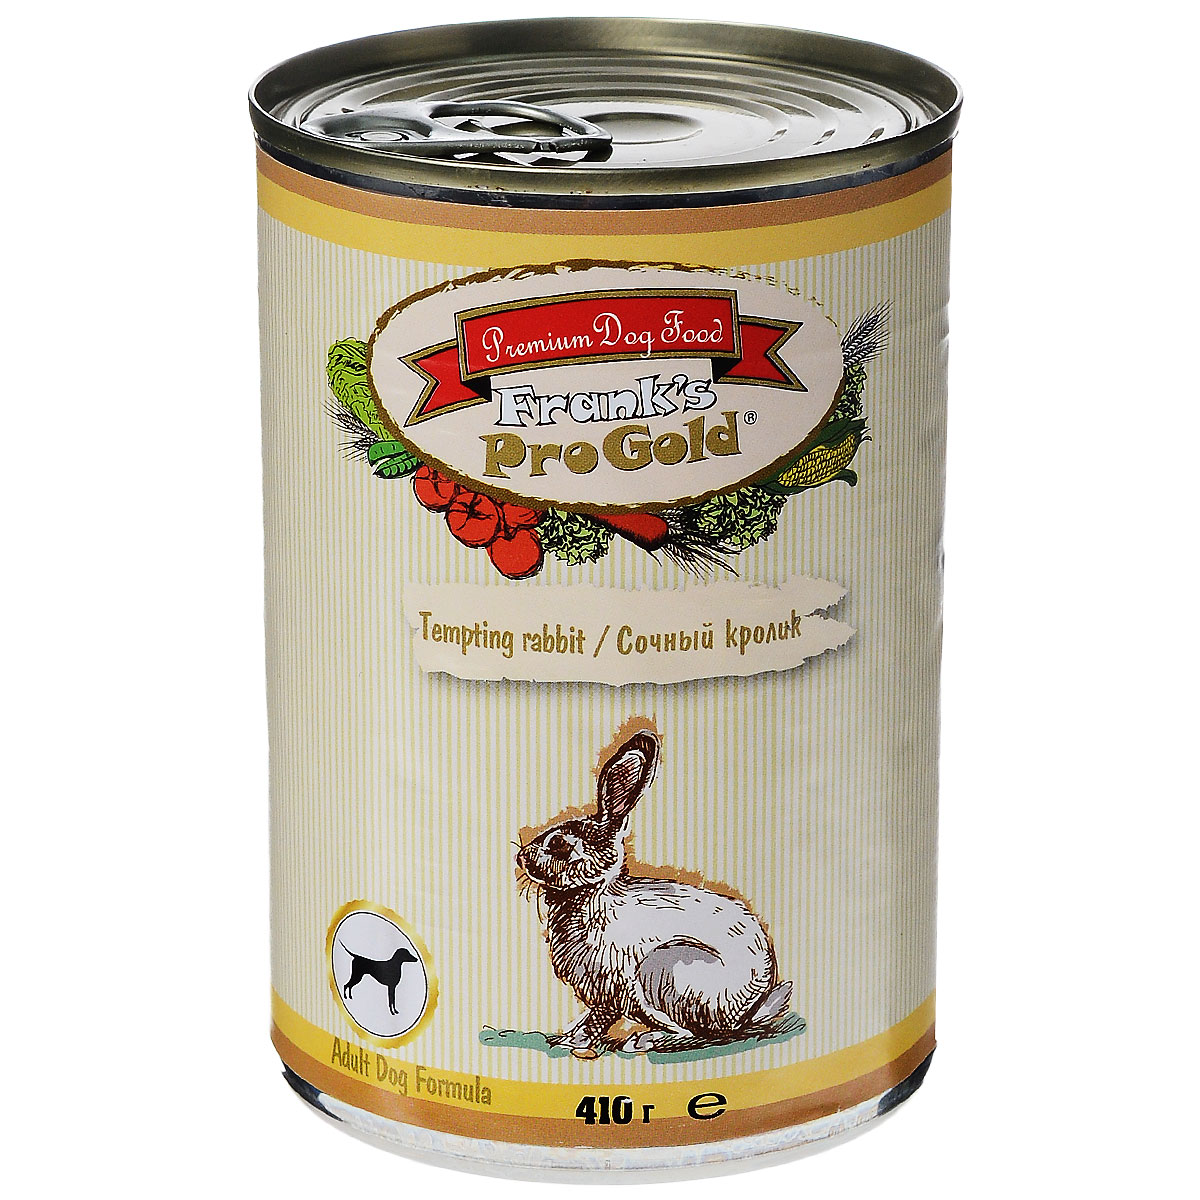 Консервы для собак Franks ProGold, с сочным кроликом, 410 г19420Консервы для собак Franks ProGold - полнорационный продукт, содержащий все необходимые витамины и минералы, сбалансированный для поддержания оптимального здоровья вашего питомца! Ваш любимец, безусловно, оценит нежнейшие кусочки мяса в желе! Произведенные из натуральных ингредиентов, консервы Franks Pro Gold не содержат ГМО, сою, искусственных красителей, консервантов и усилителей вкуса. Состав: мясо курицы, кролик, мясо и его производные, злаки, витамины и минералы. Пищевая ценность: влажность 81%,белки 6,5%, жиры 4,5%, зола 2%, клетчатка 0,5%. Добавки: витамин A 1600 IU, витамин D 140 IU, витамин E 10 IU, железо E1 24 мг/кг, марганец E5 6 мг/кг, цинк E6 15 мг/кг, йодин E2 0,3 мг/кг. Калорийность: 393,6 ккал.Товар сертифицирован.